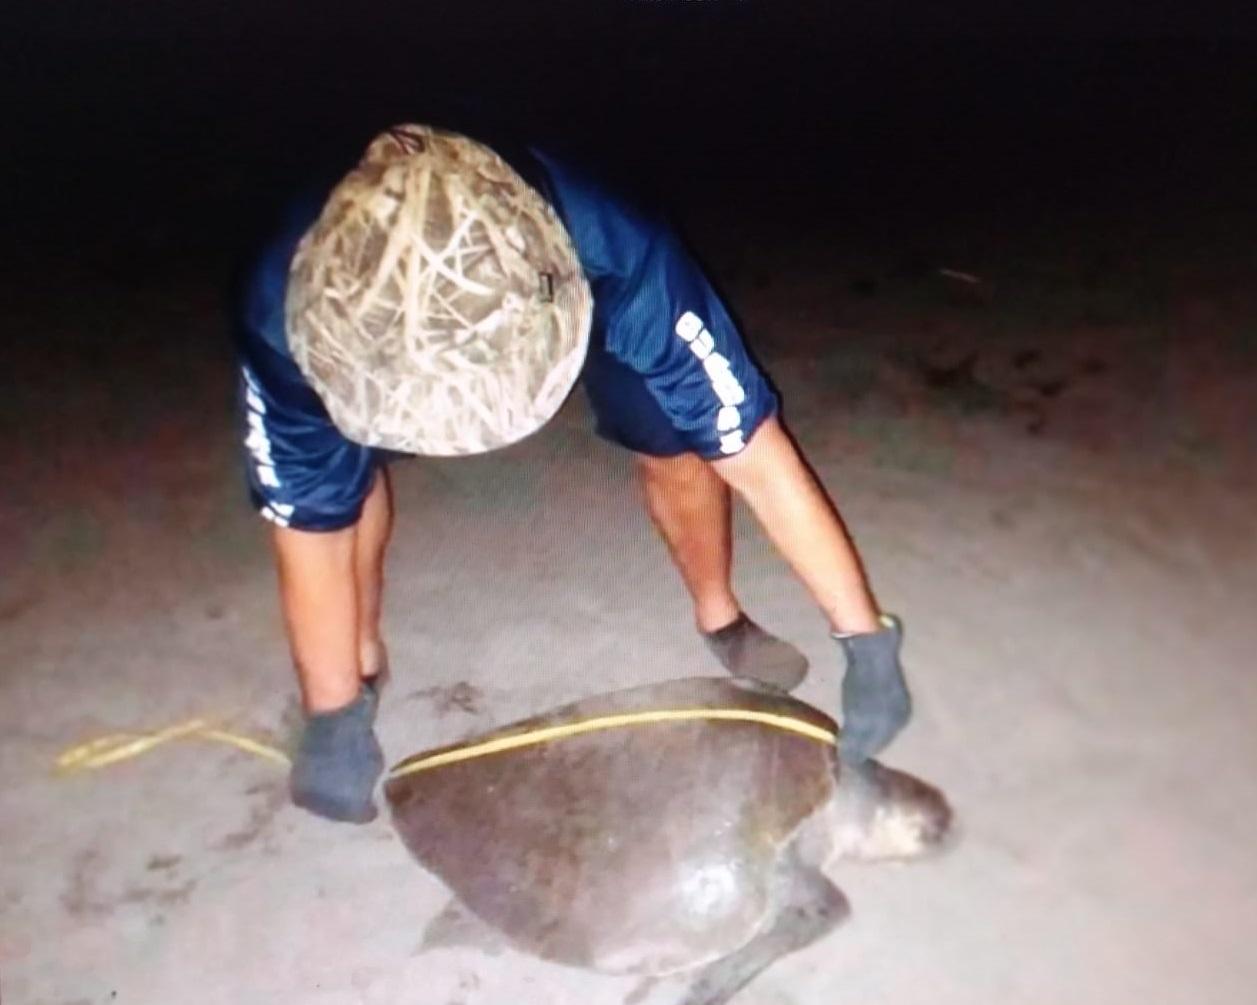 Playa La Marinera es un sitio preferido por esta especie de tortuga para desovar y anidar. Foto:Thays Domínguez